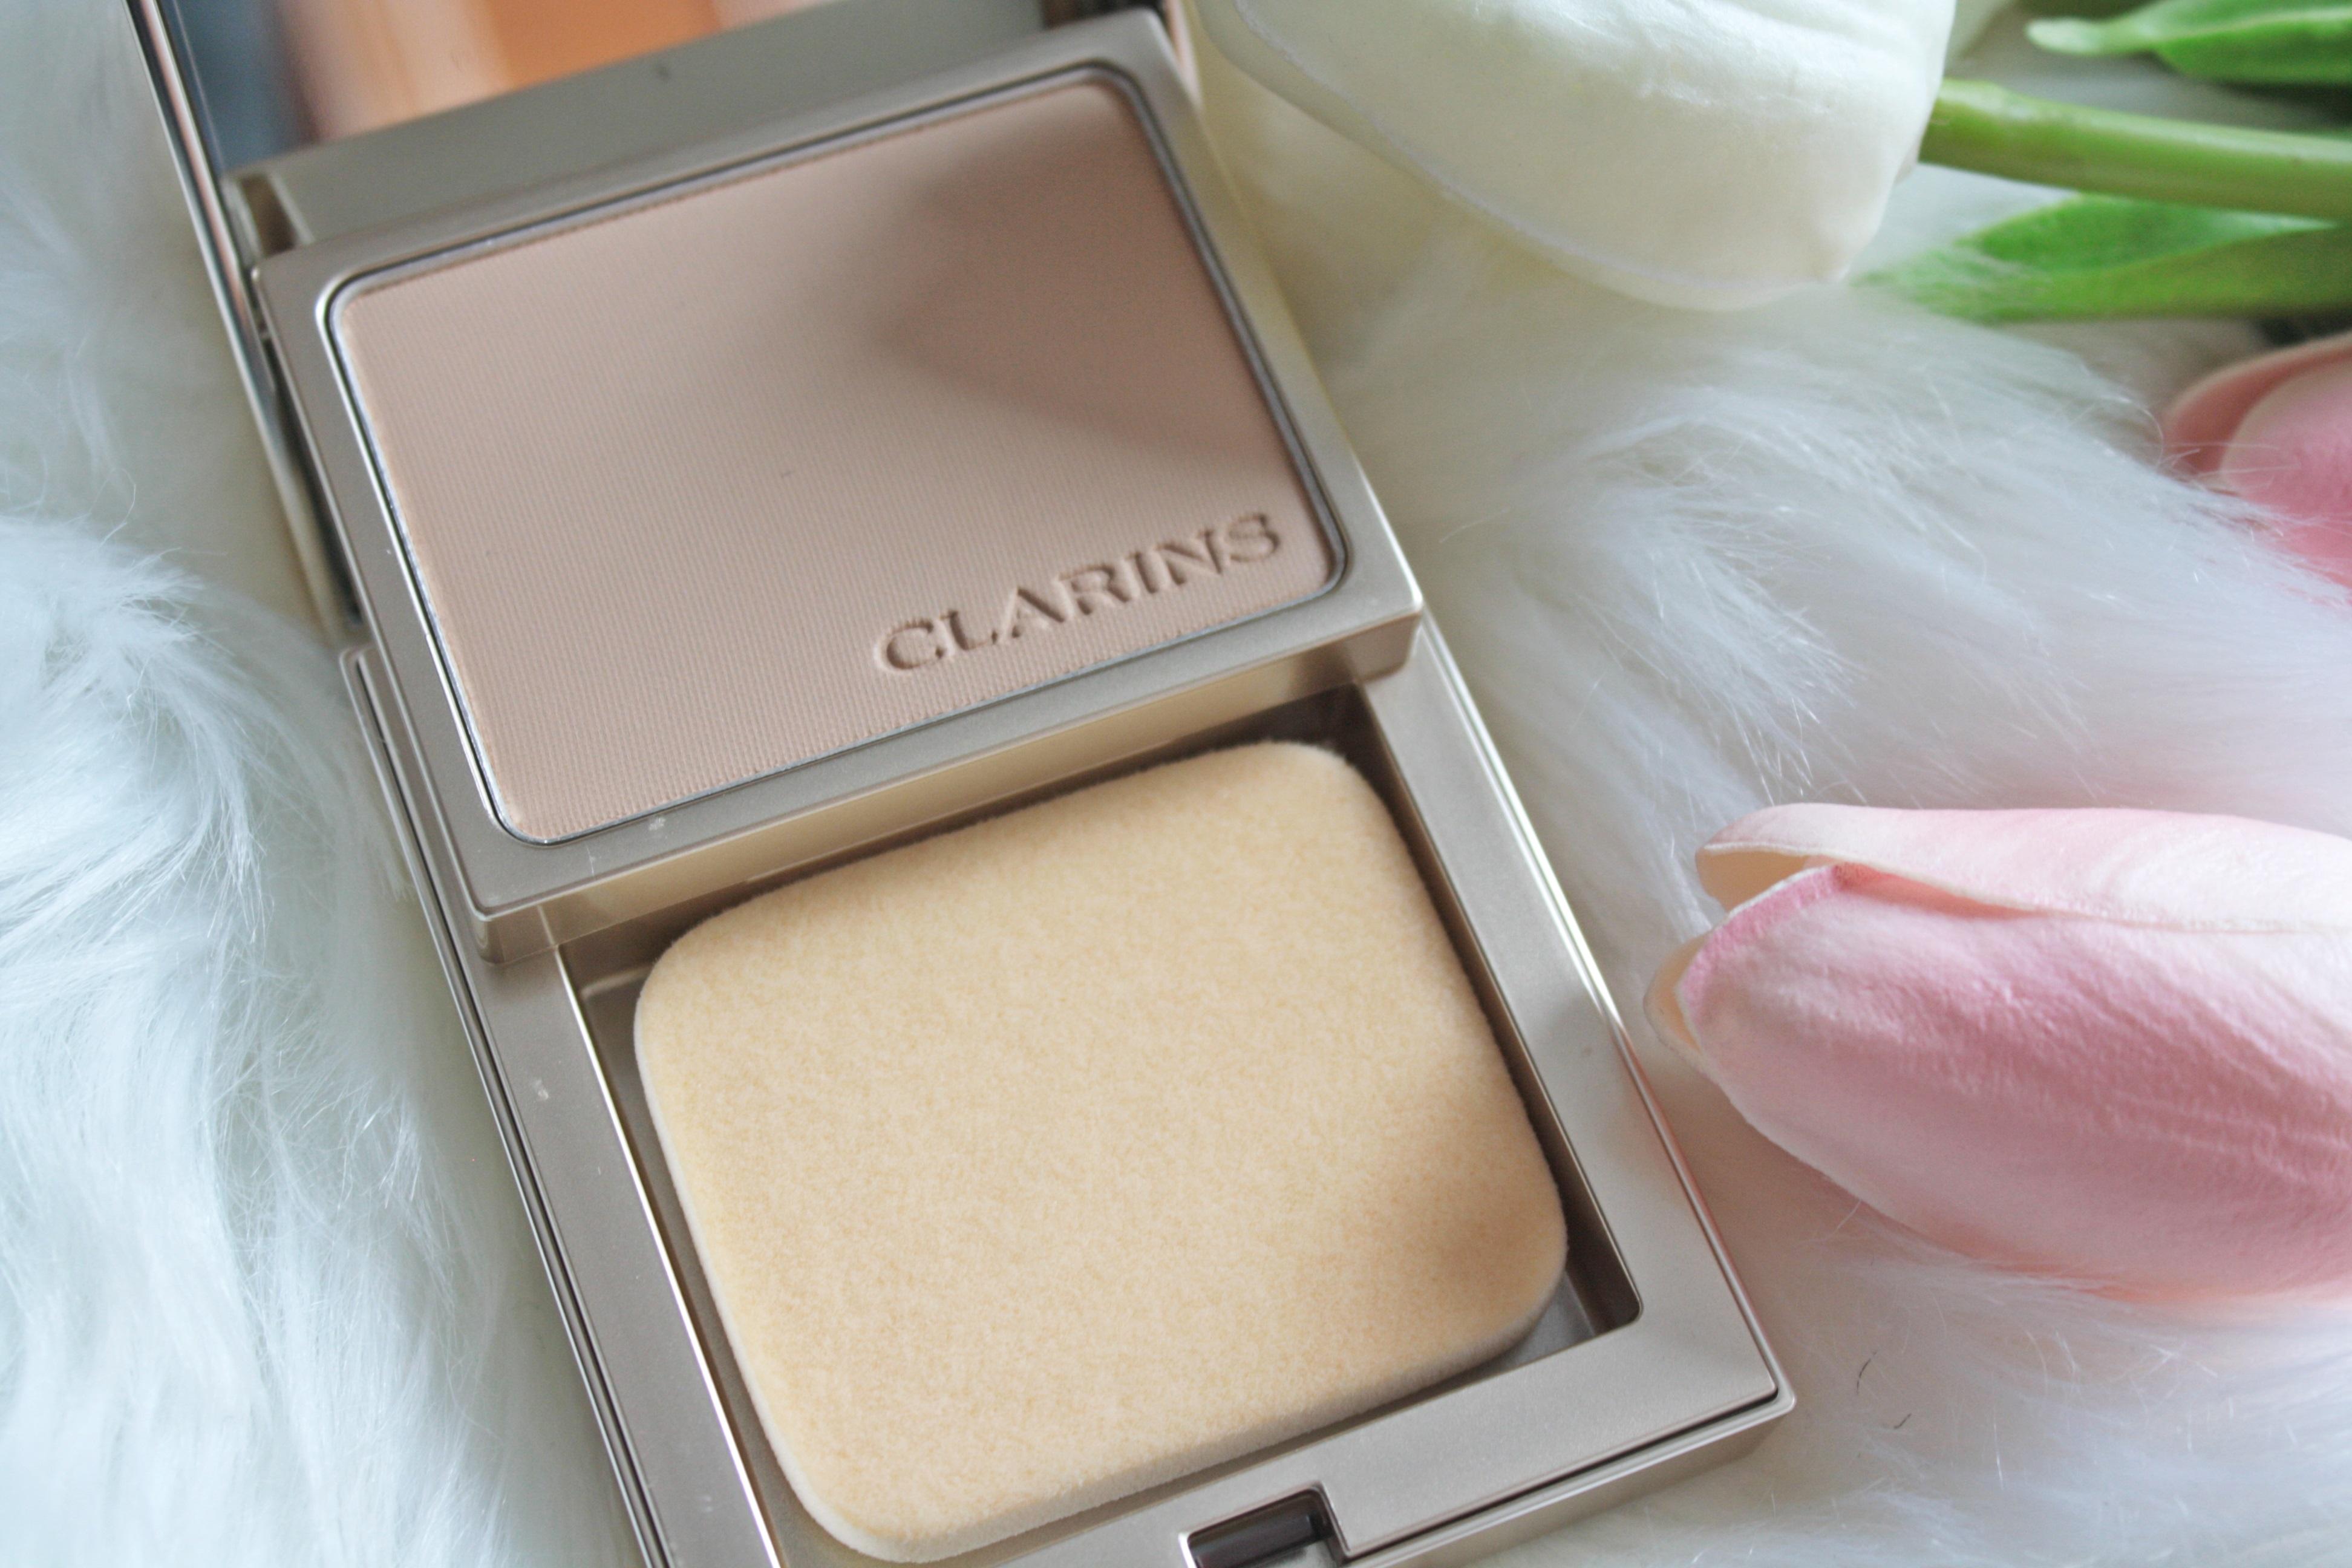 CLARINS 2